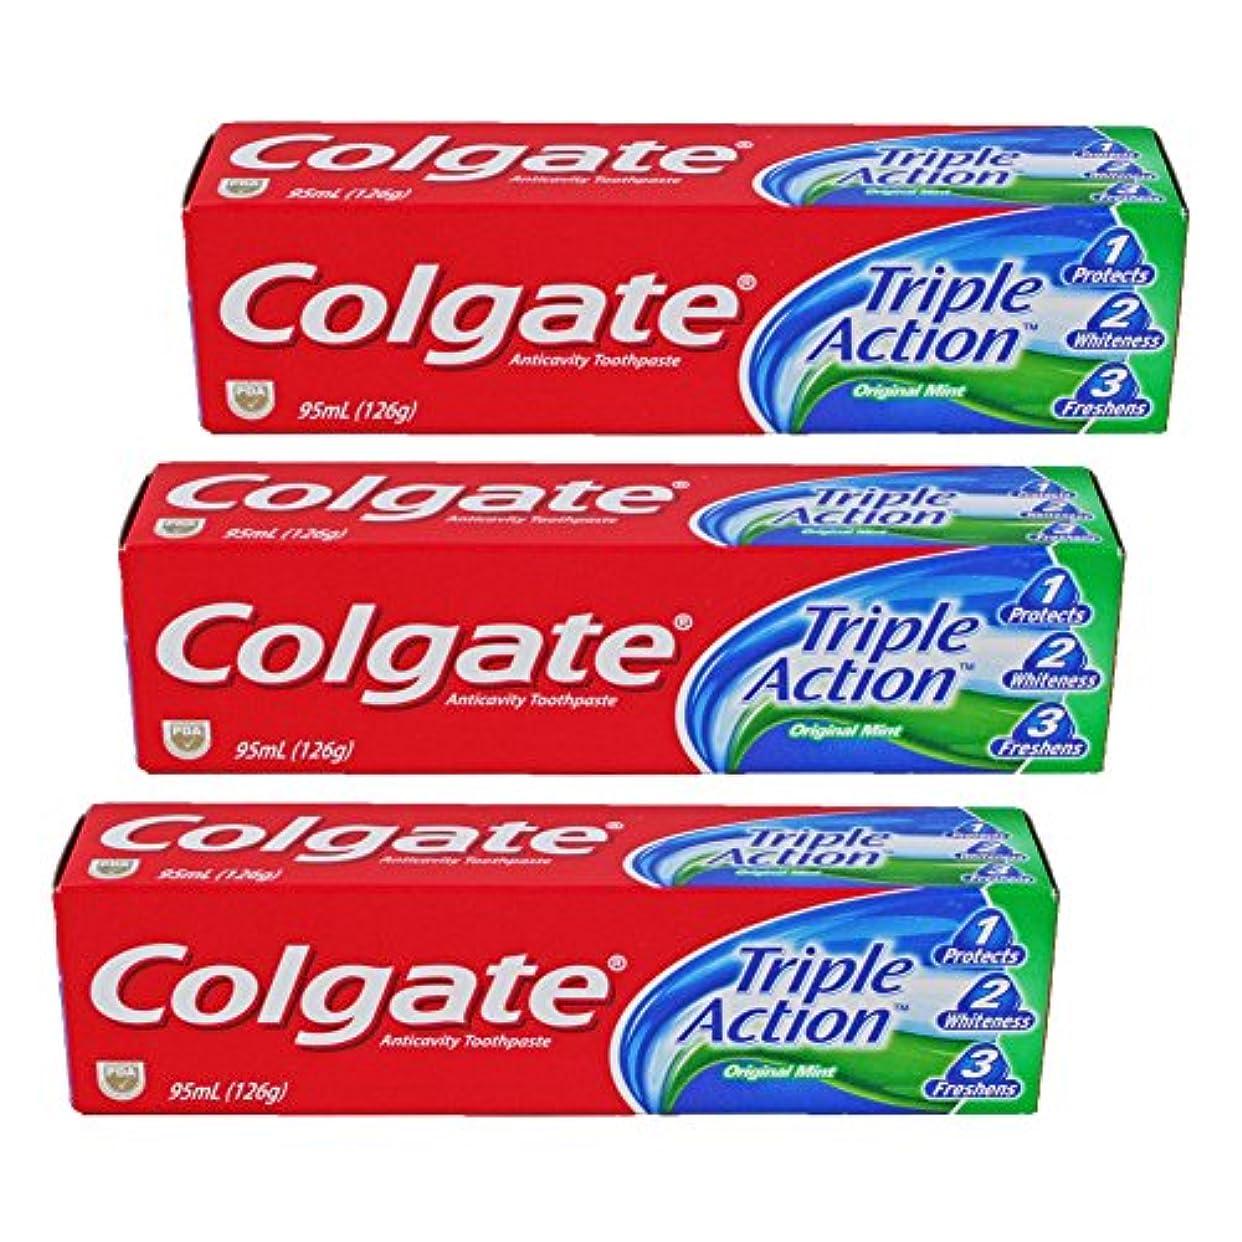 ウェブ薬局なしでコルゲート Colgate Triple Action (95mL)126g 3個セット [並行輸入品]